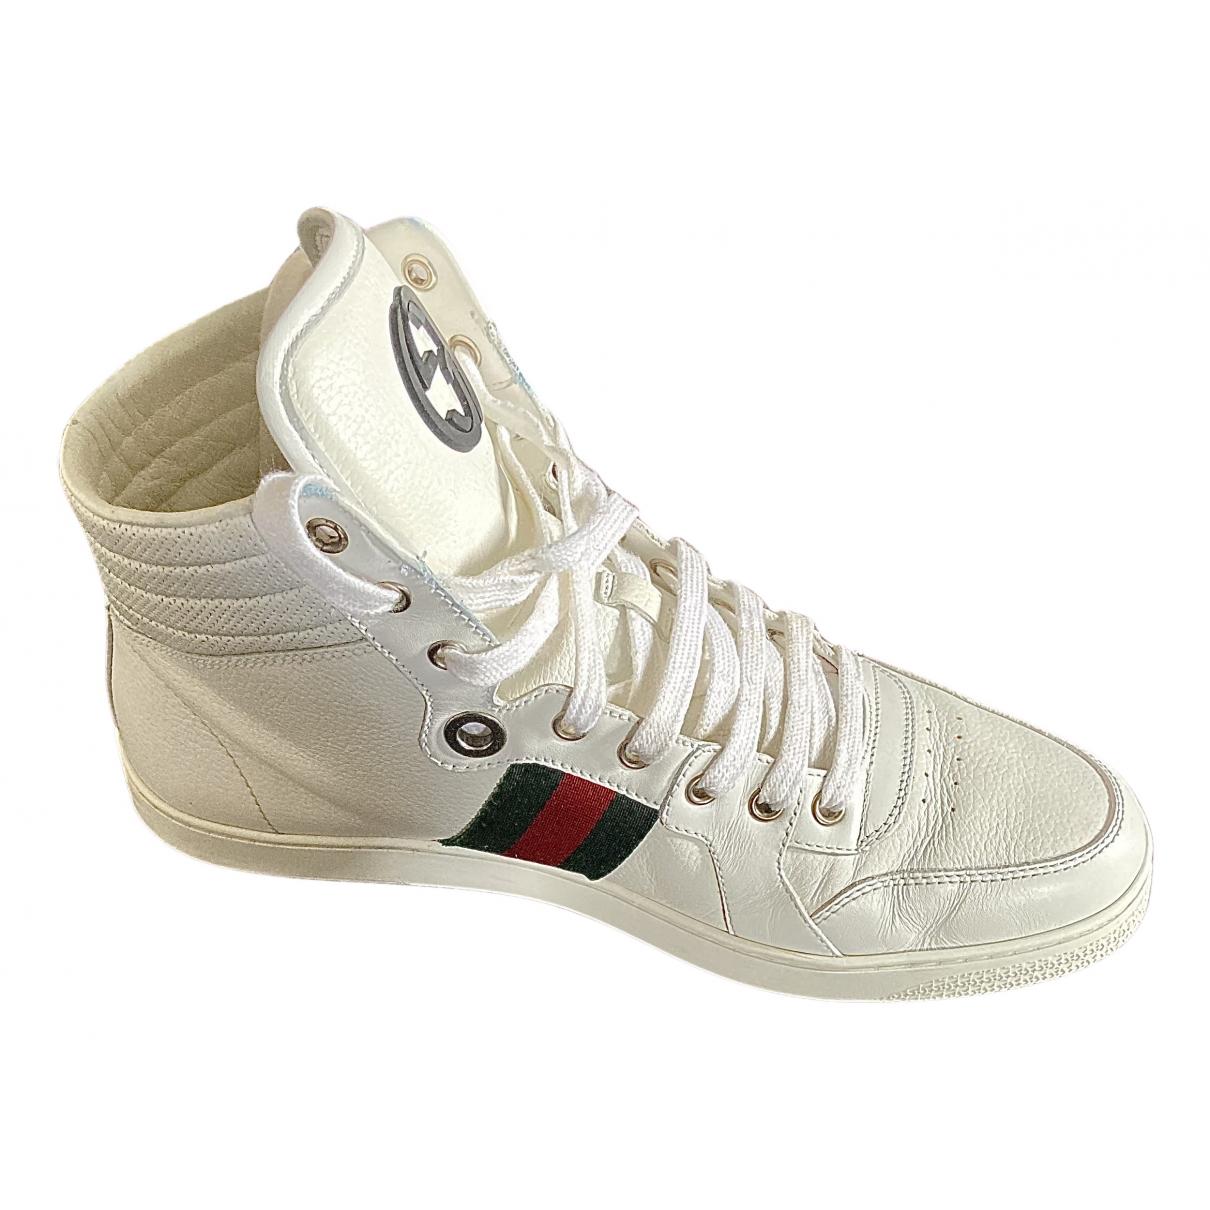 Gucci - Baskets Web pour homme en cuir - blanc